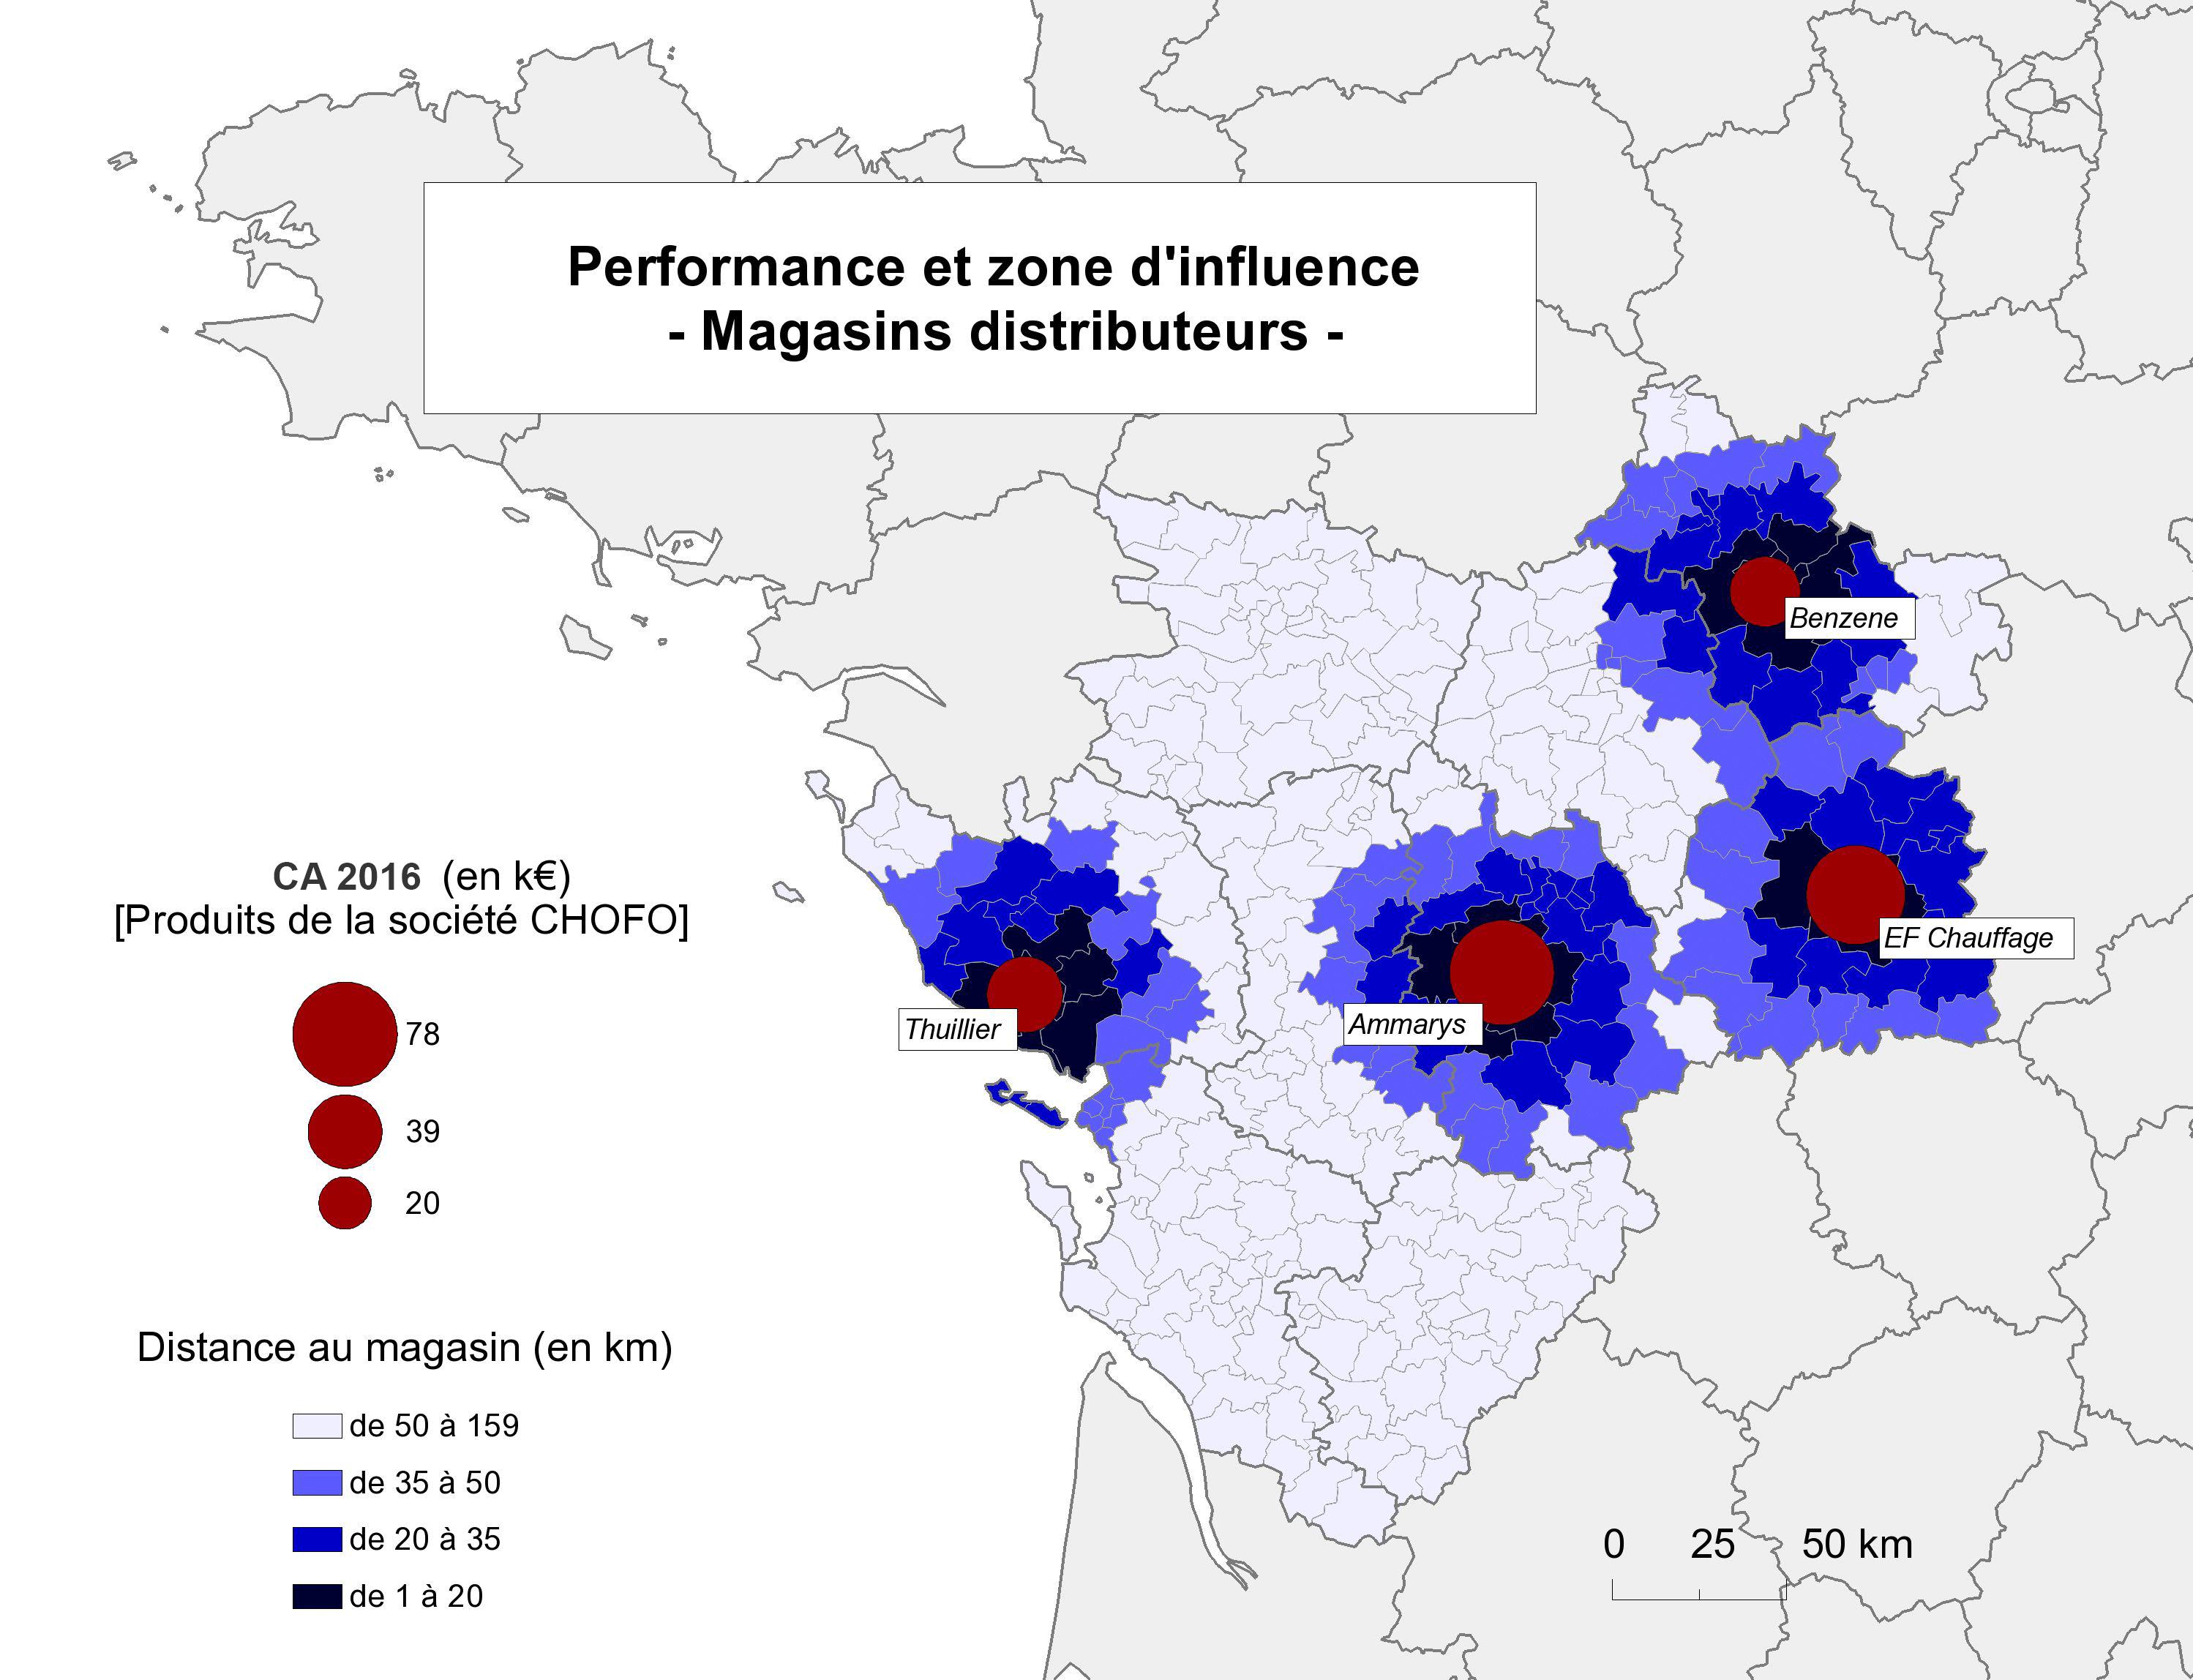 Carte de performance et de zone d'influence de magasins distributeurs